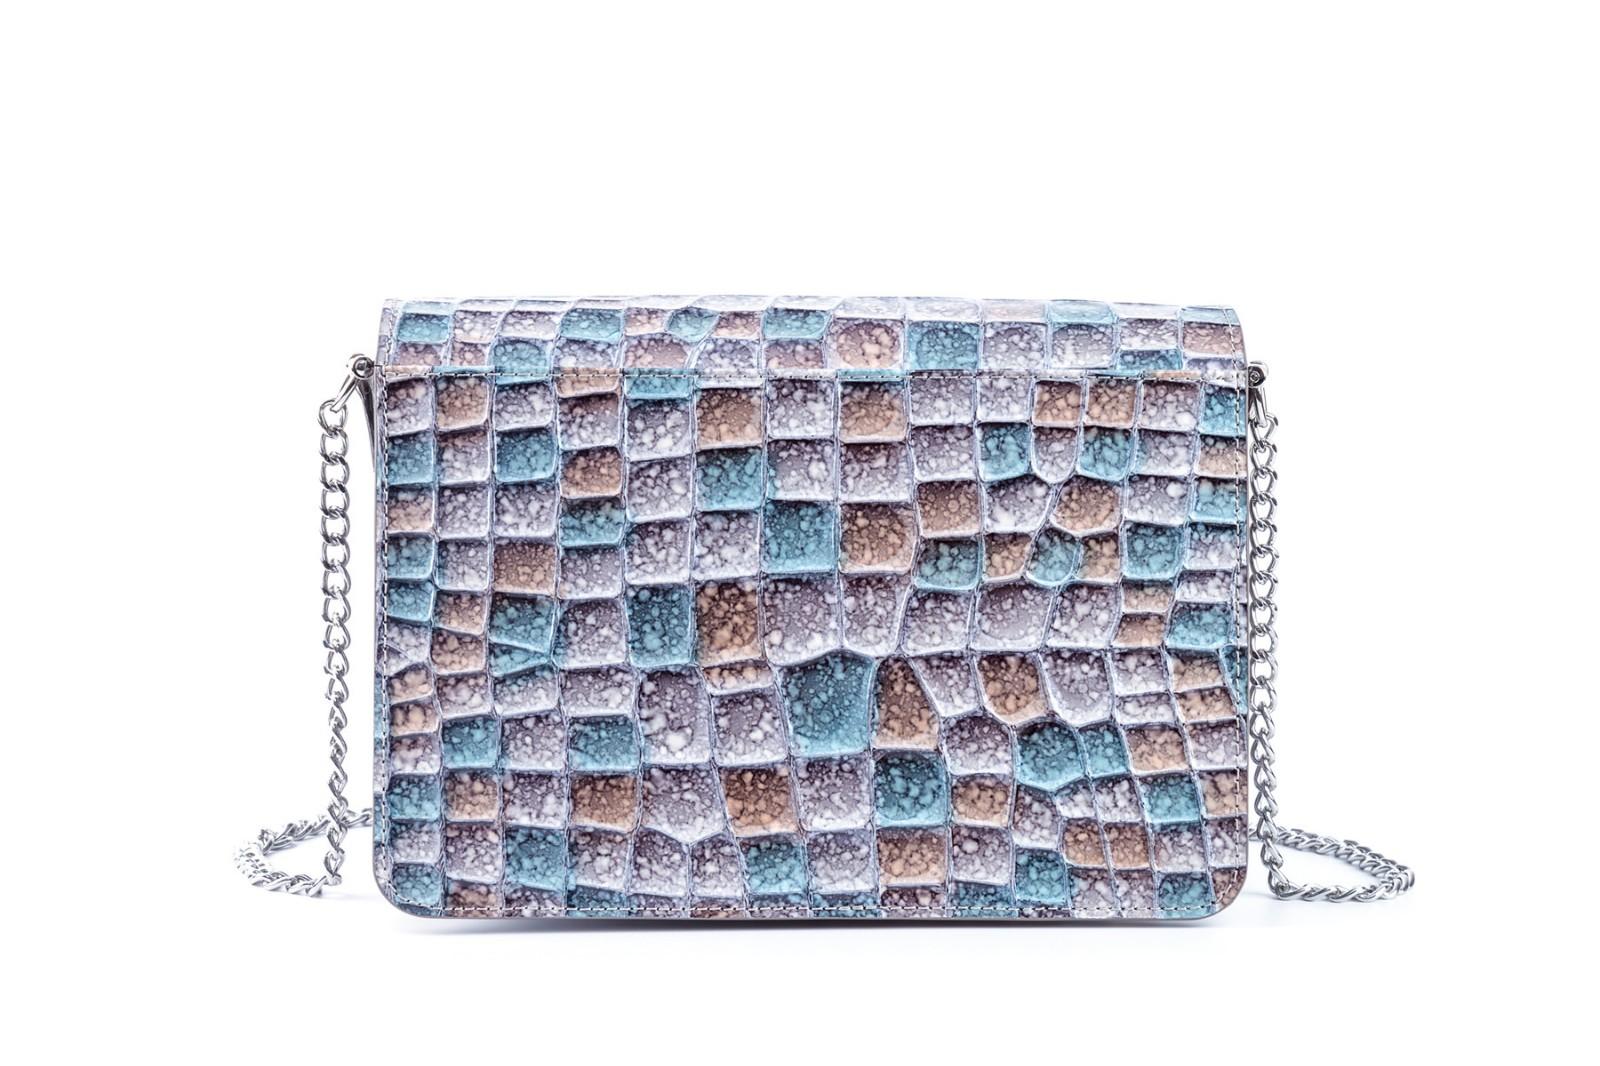 GF bags-Custom Cheap Shoulder Bags Manufacturer, Simple Shoulder Bag | Gf Bags-6